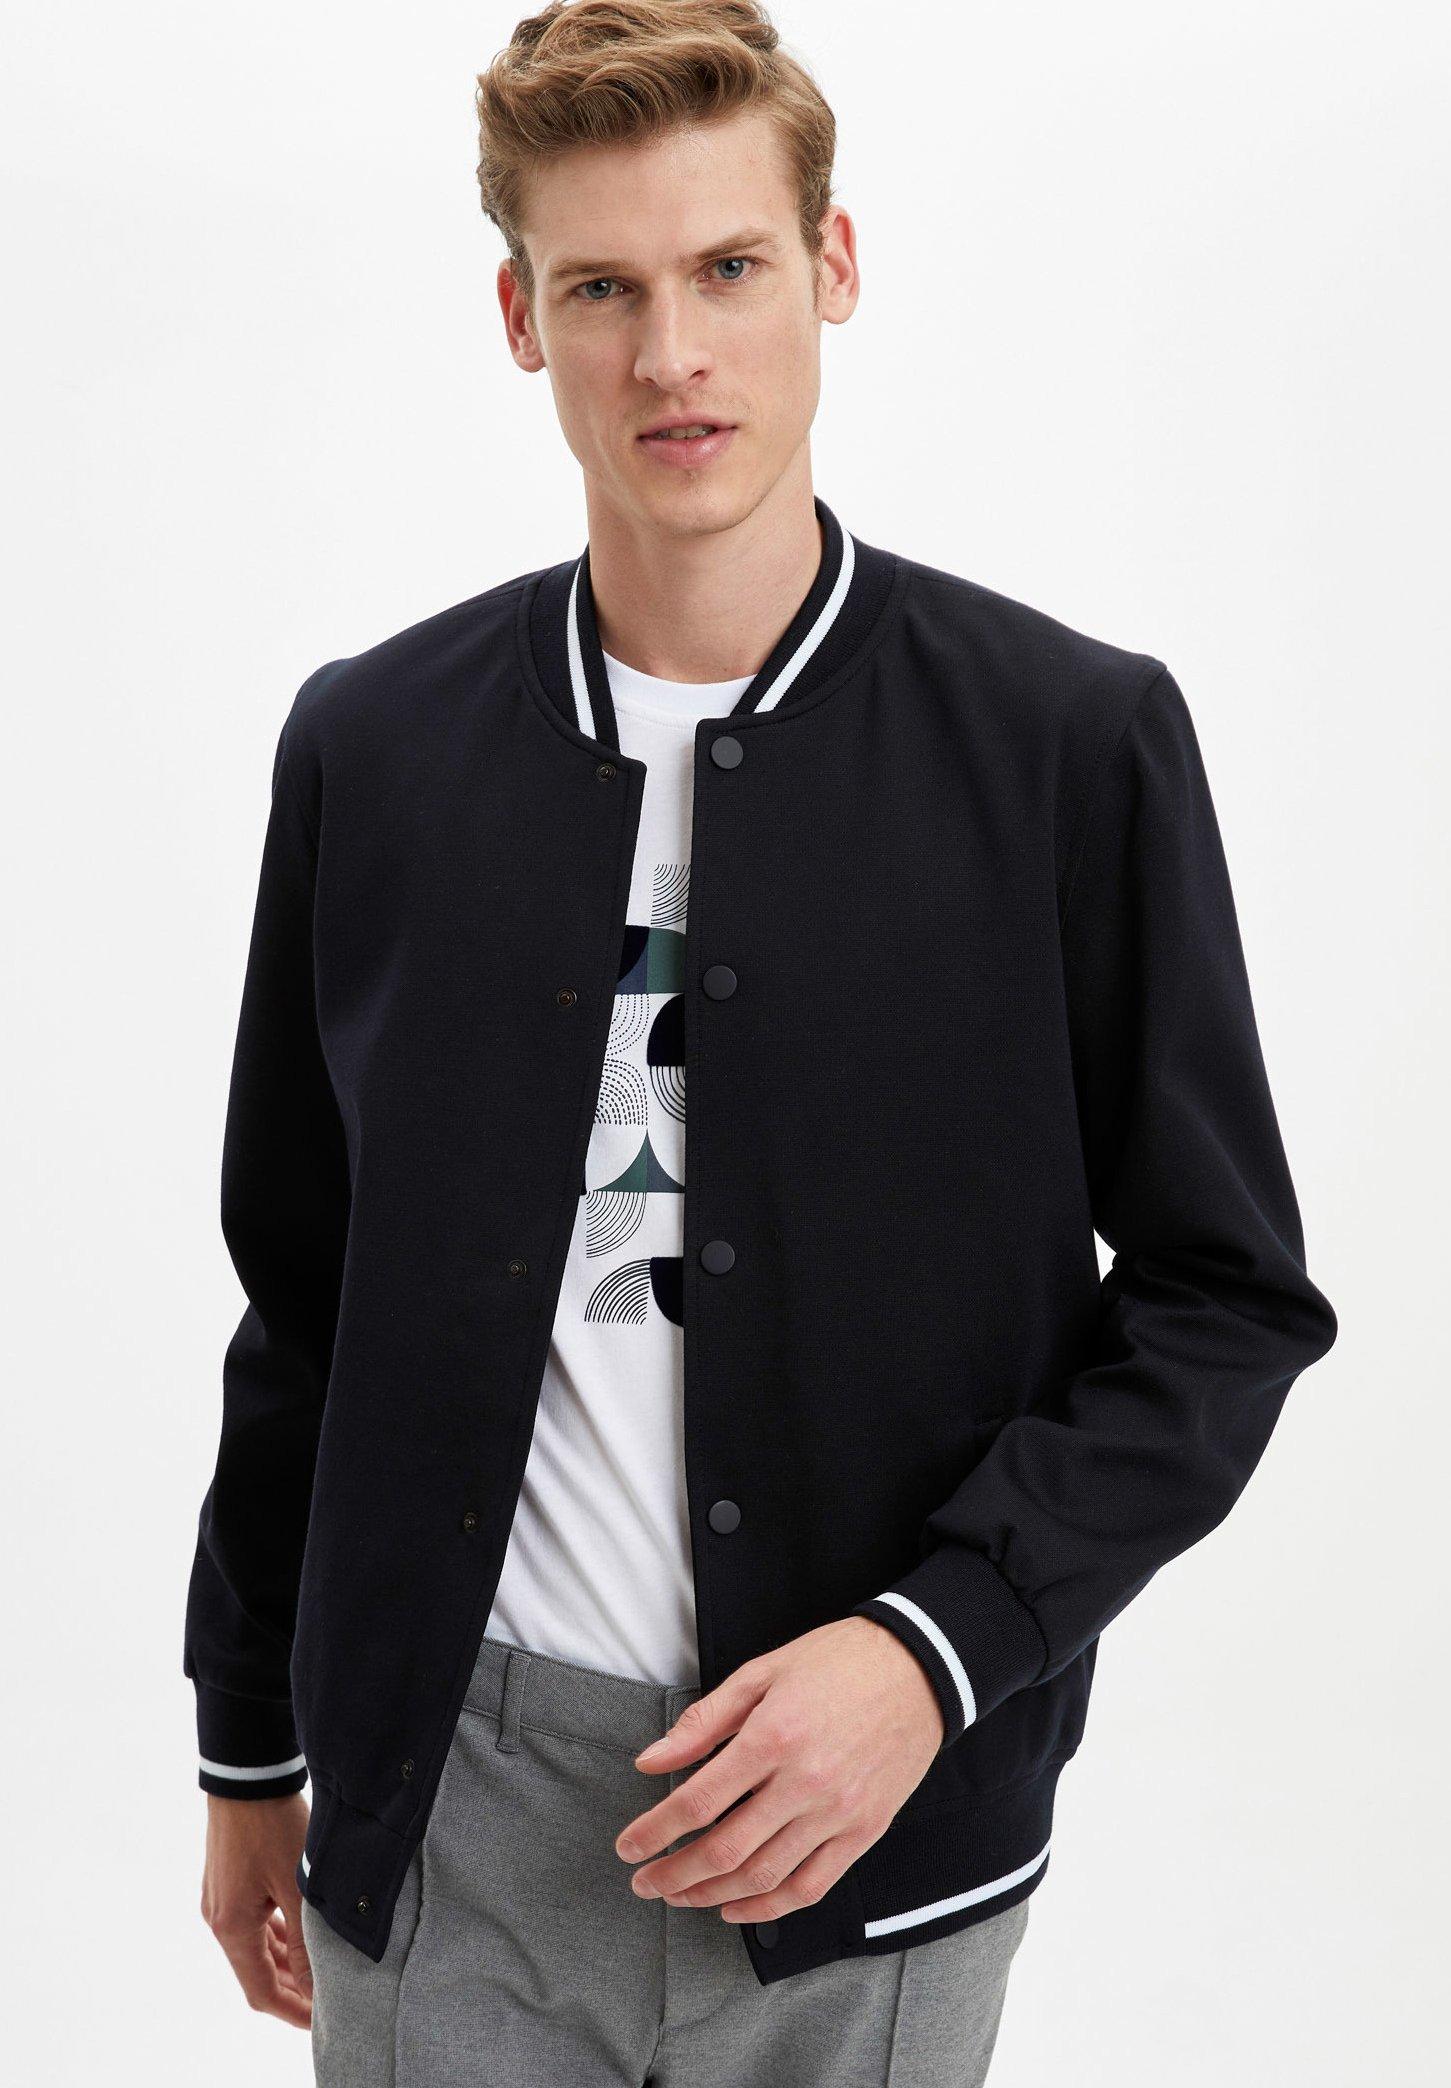 Blå Tunna jackor | Herr Storlek 96 | Köp sommarjackor online